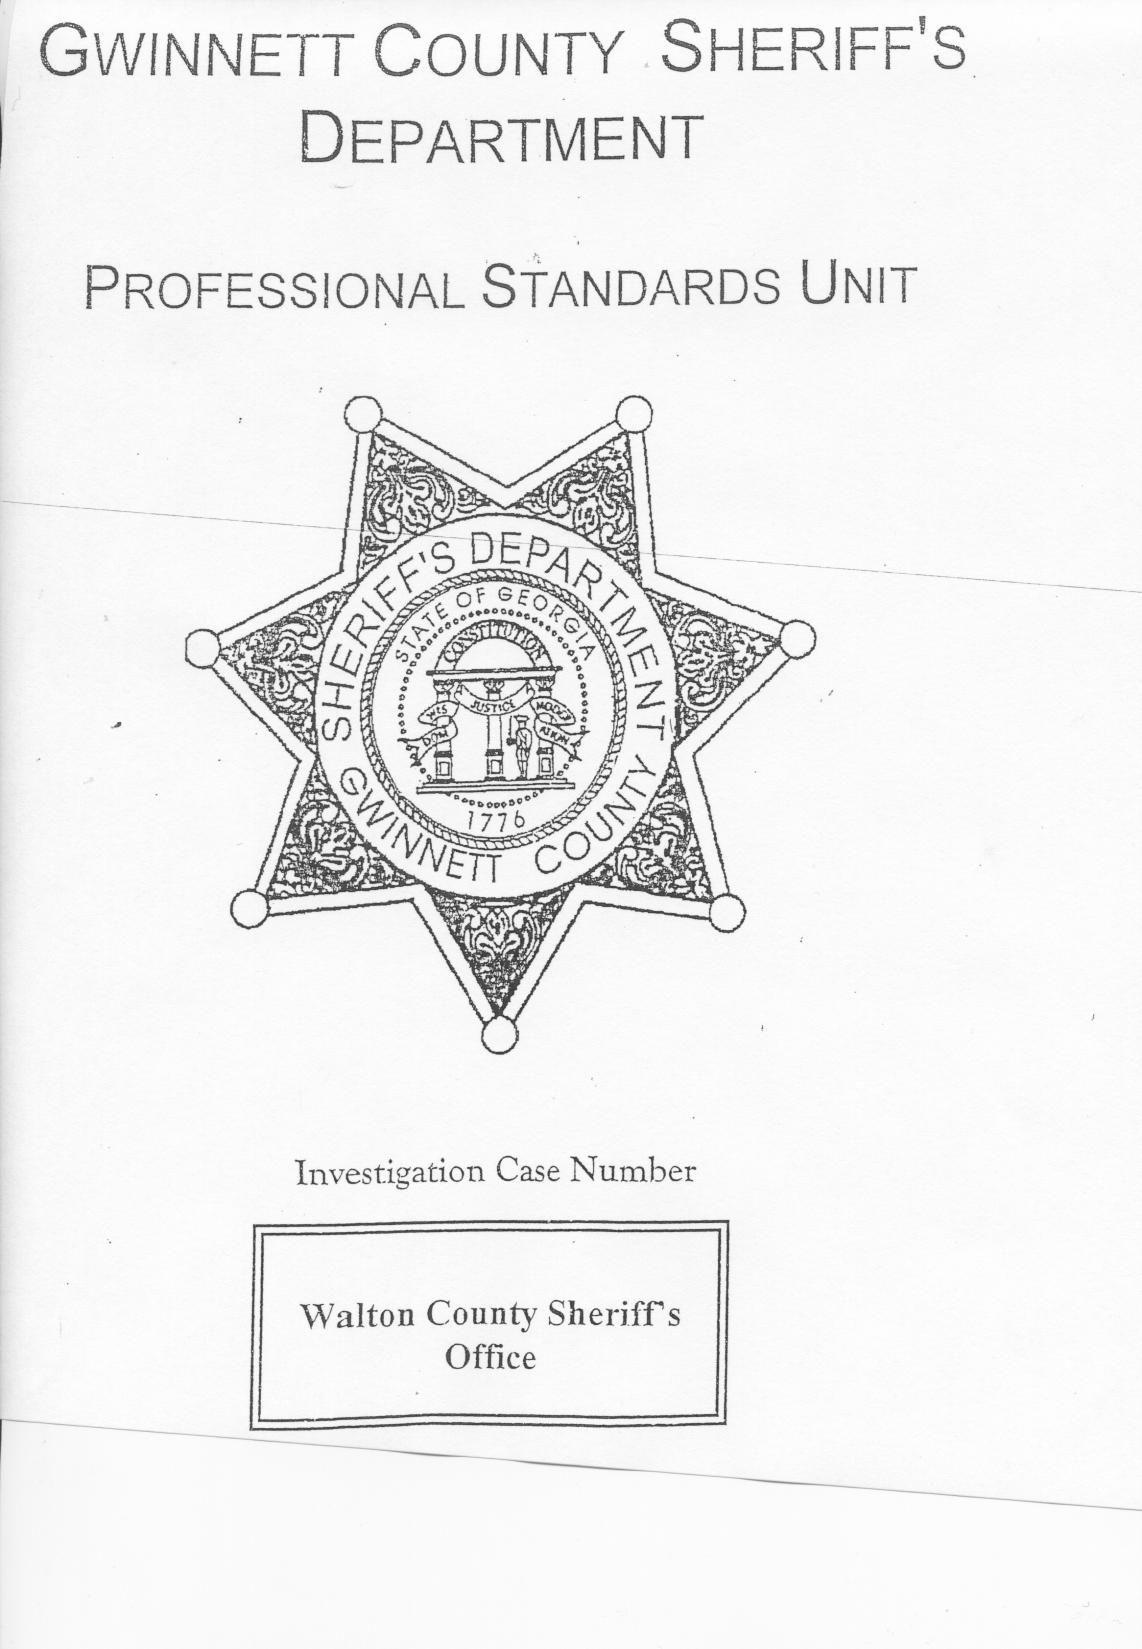 Gwinnett County Sheriff's Office Report on the Walton